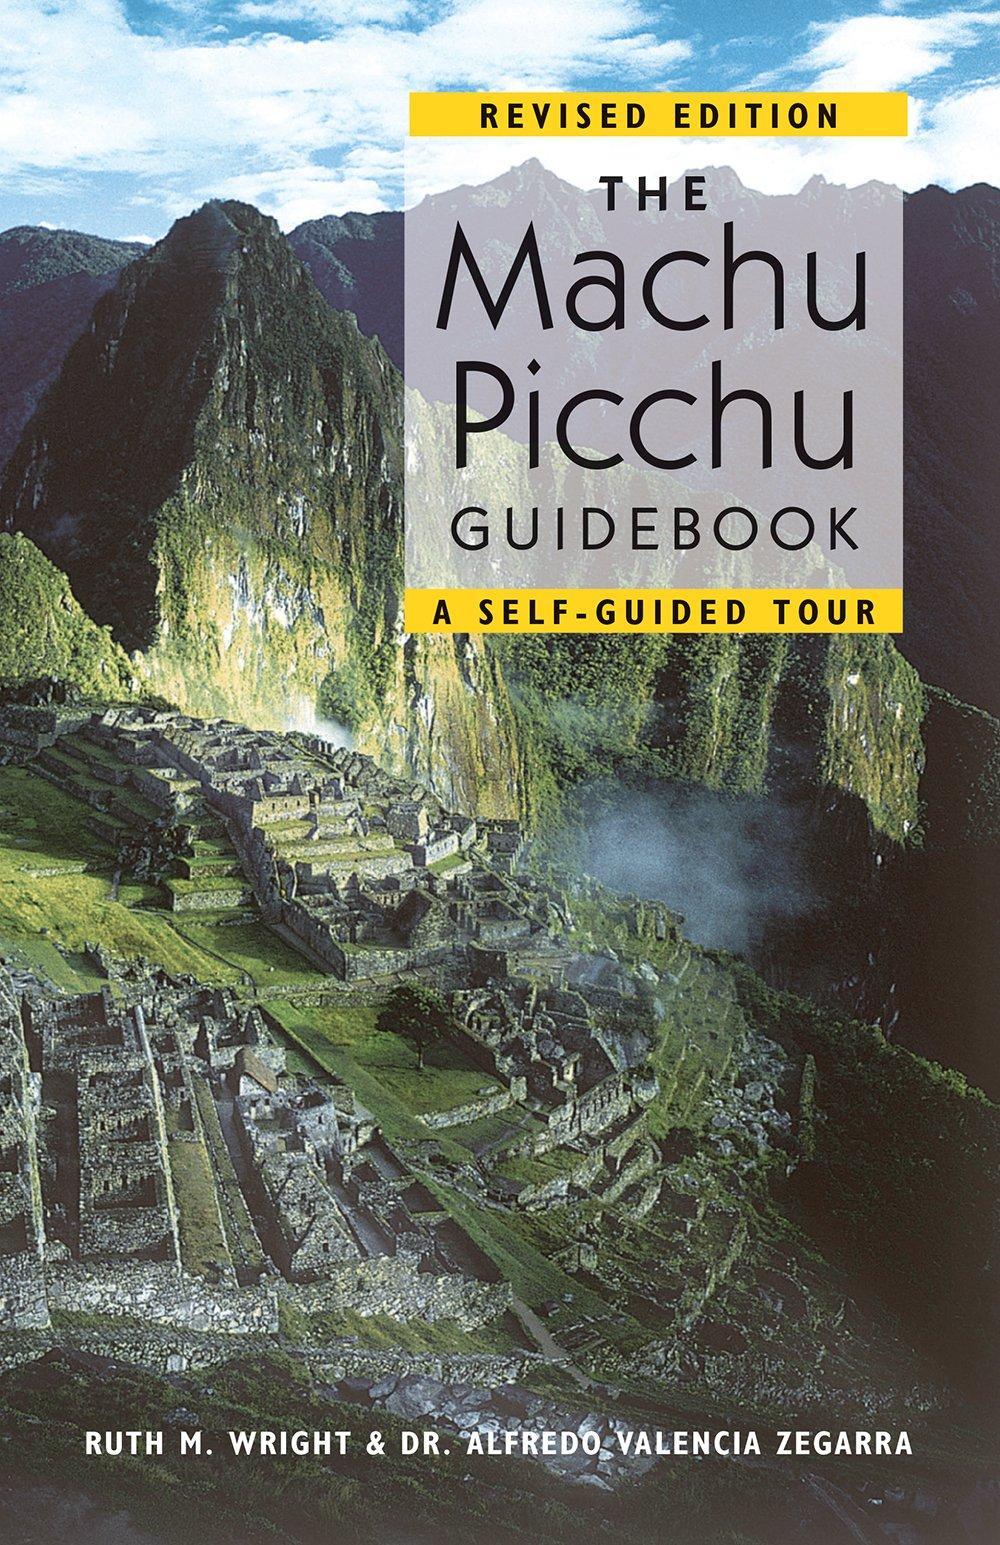 The Machu Picchu Guidebook: A Self-Guided Tour PDF